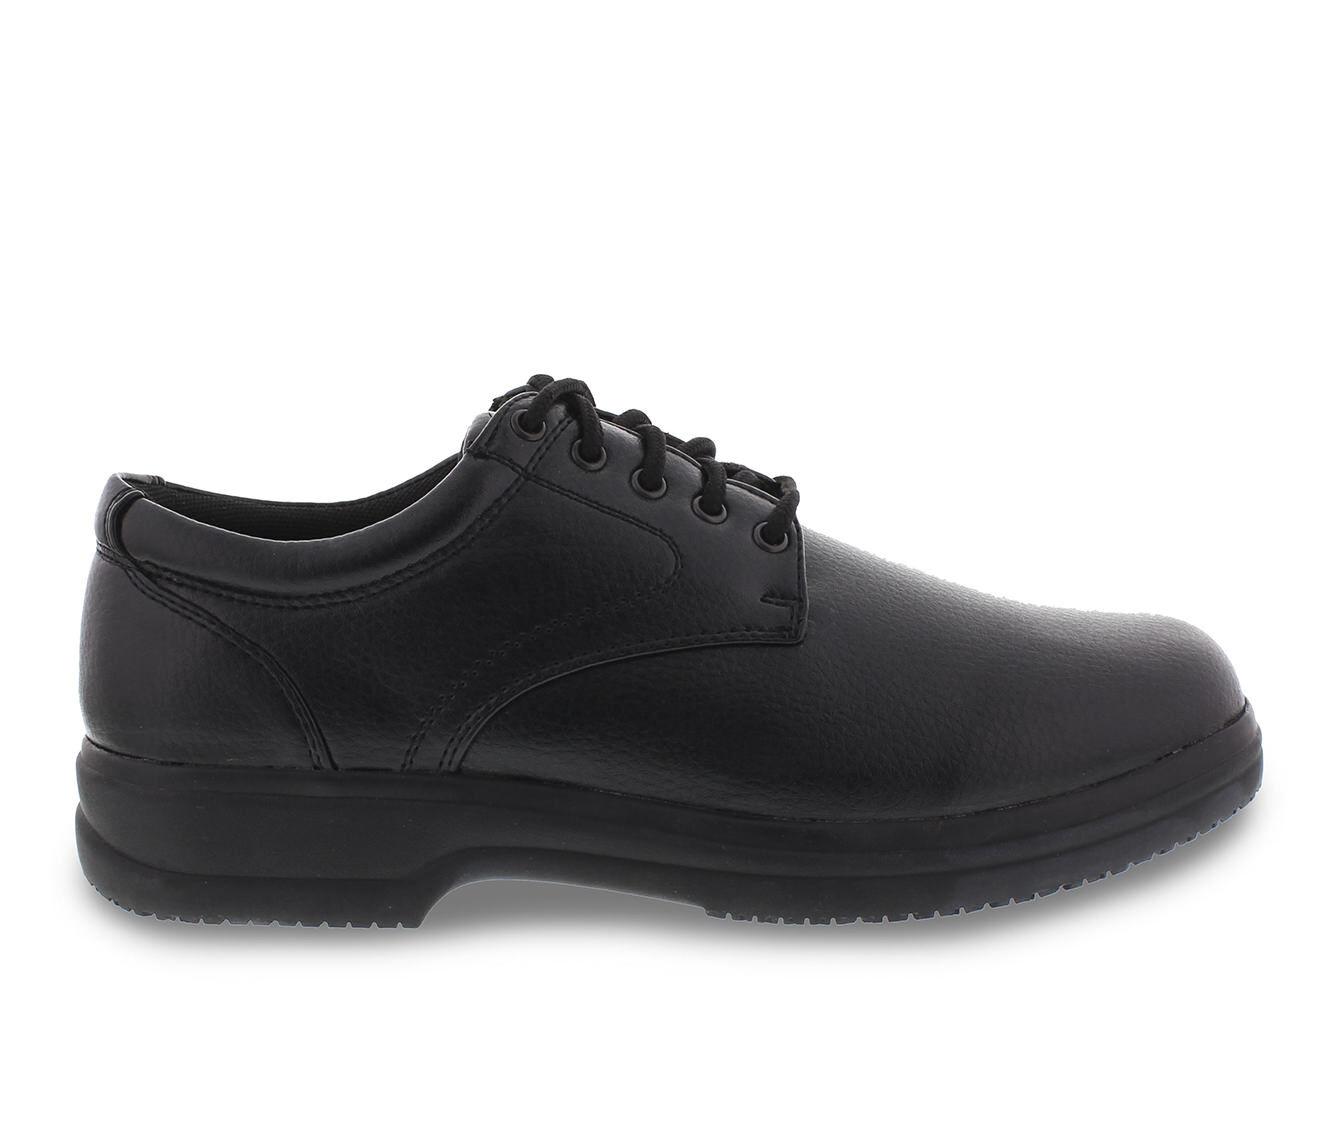 Men's Deer Stags Service Slip-Resistant Safety Shoes Black